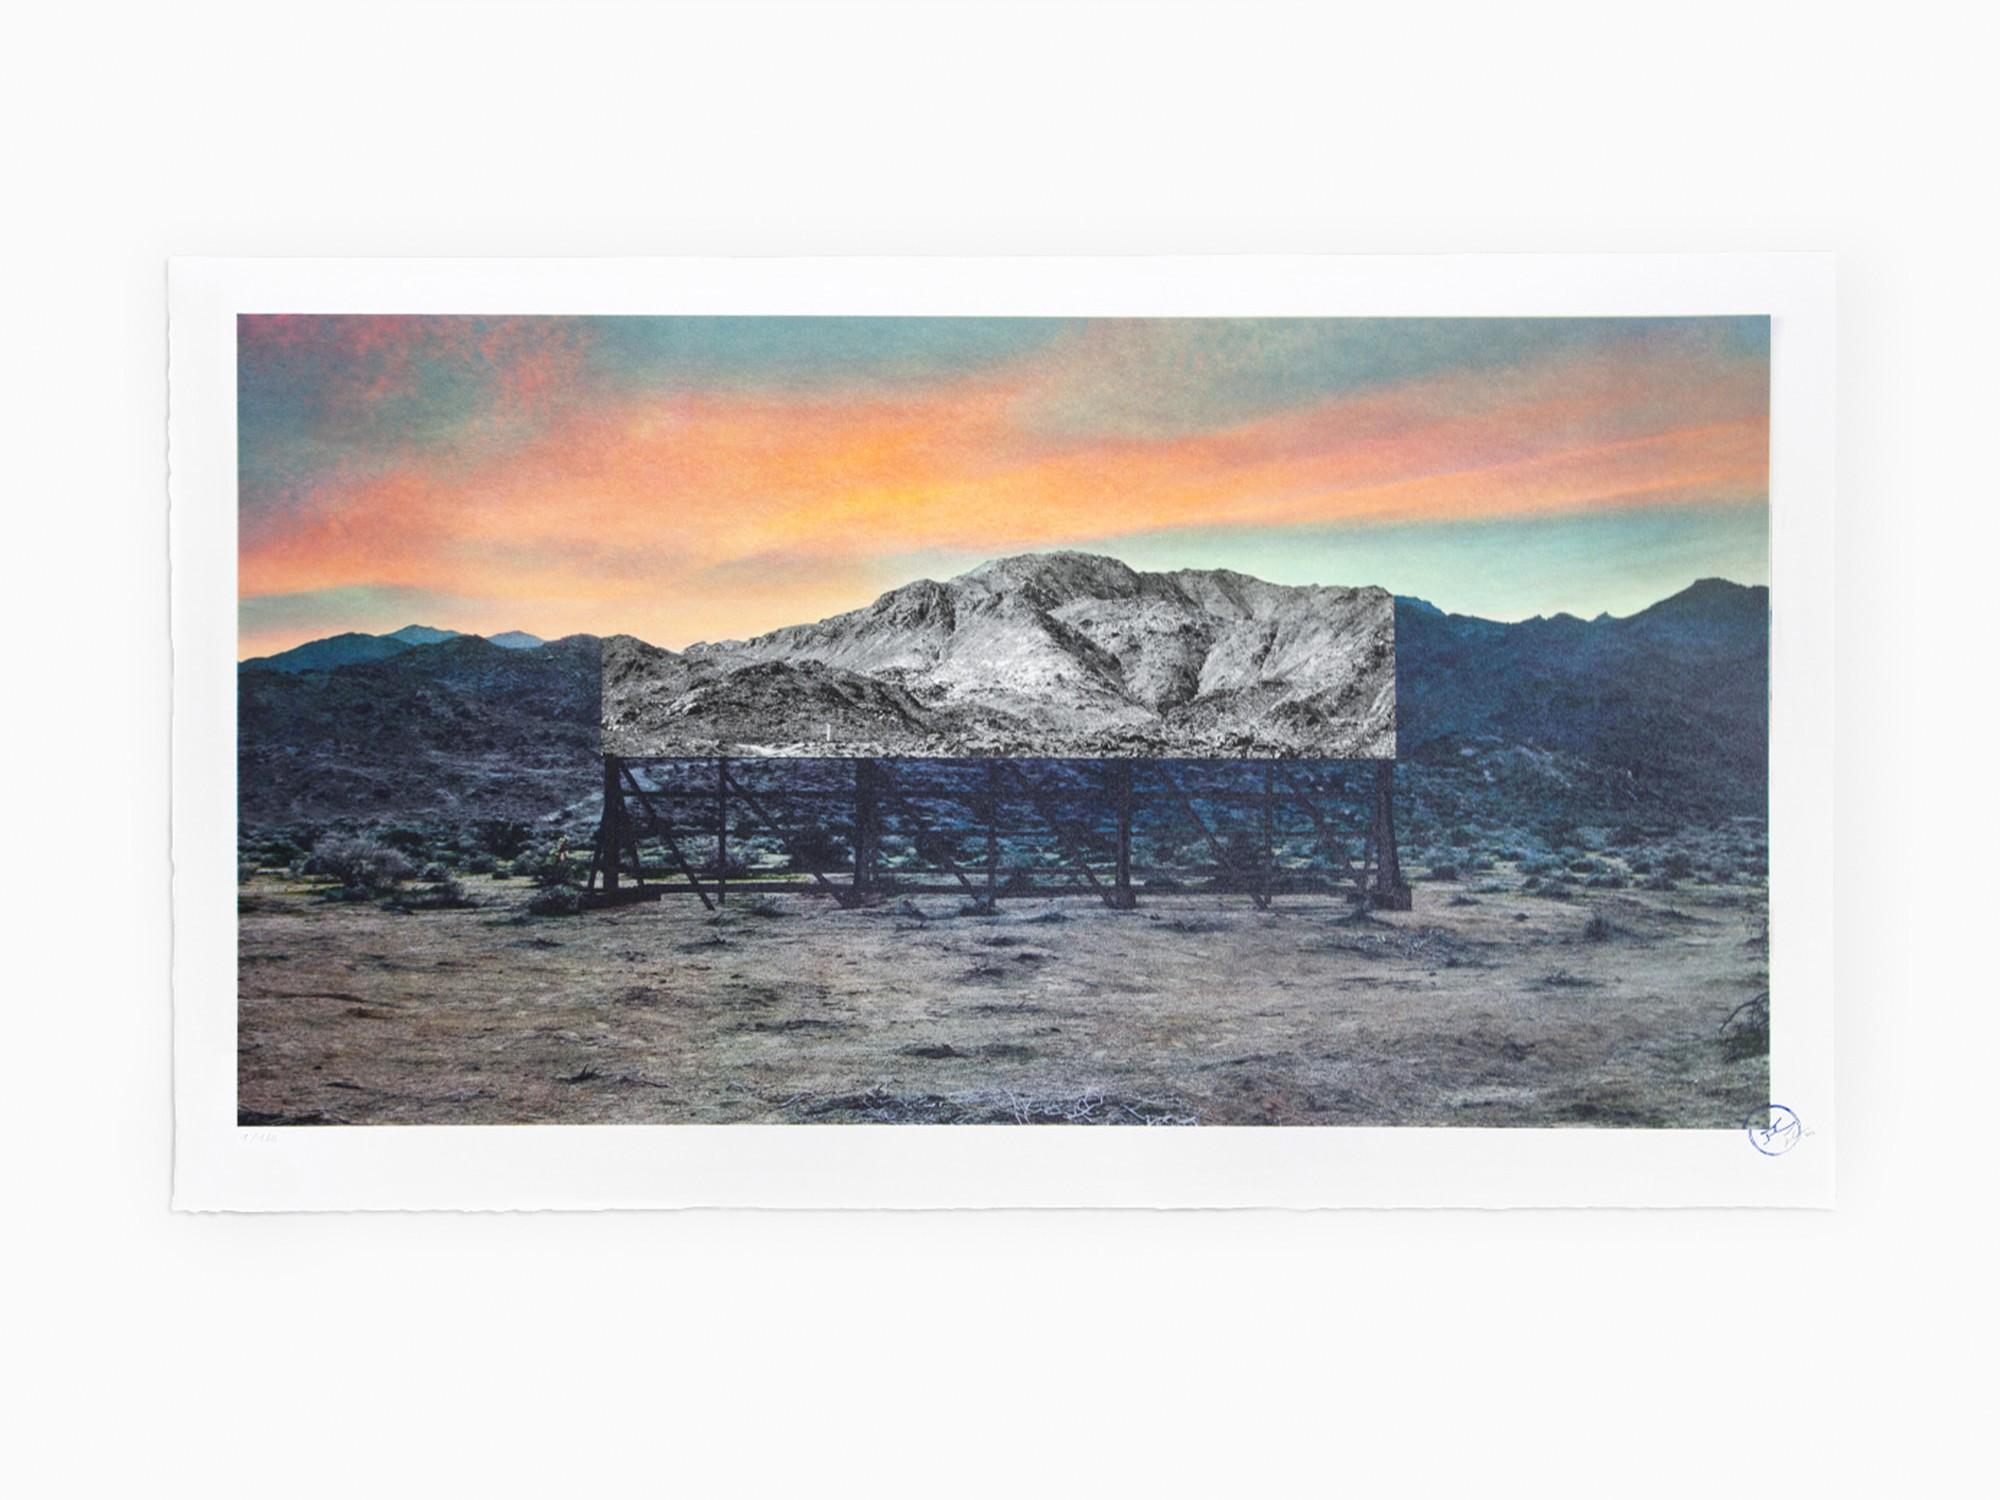 Trompe l'oeil, Death Valley, Billboard, March 4, 2017, 5:41 pm, California, USA